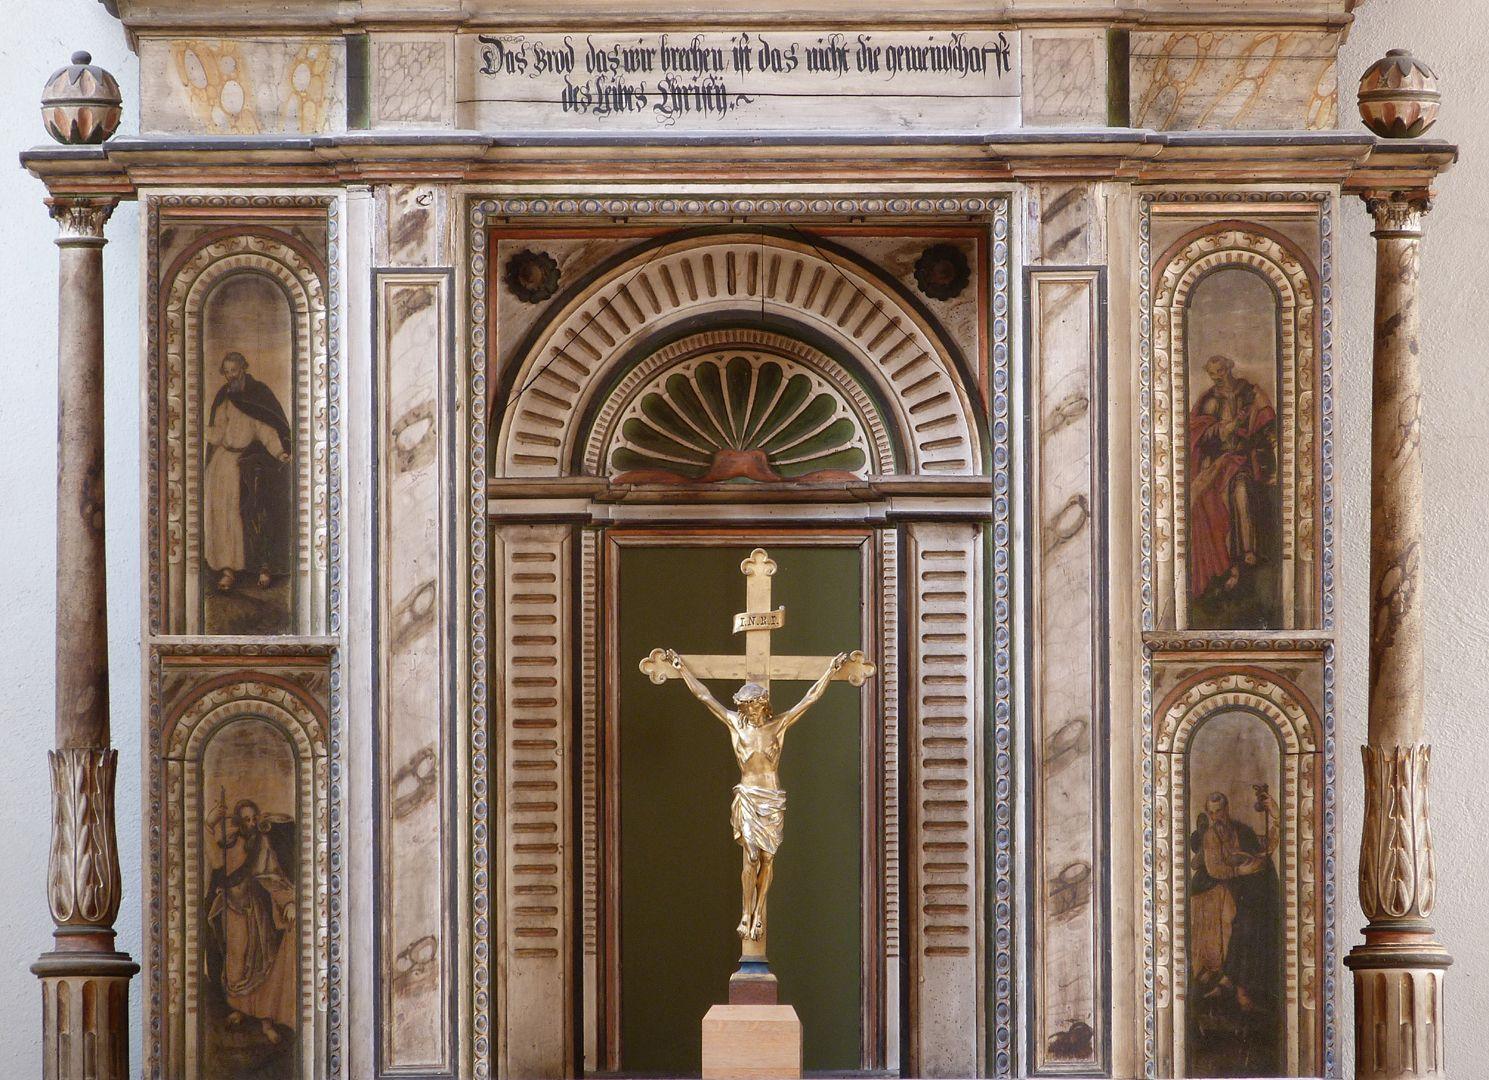 Flötner-Altar (Ansbach) Altar Mittelkörper, Inschrift aus Korinther 10,16 zweiter Satz (Ist der Kelch des Segens, über den wir den Segen sprechen, nicht Teilhabe am Blut Christi?) Ist das Brot, das wir brechen, nicht Teilhabe am Leib Christi?